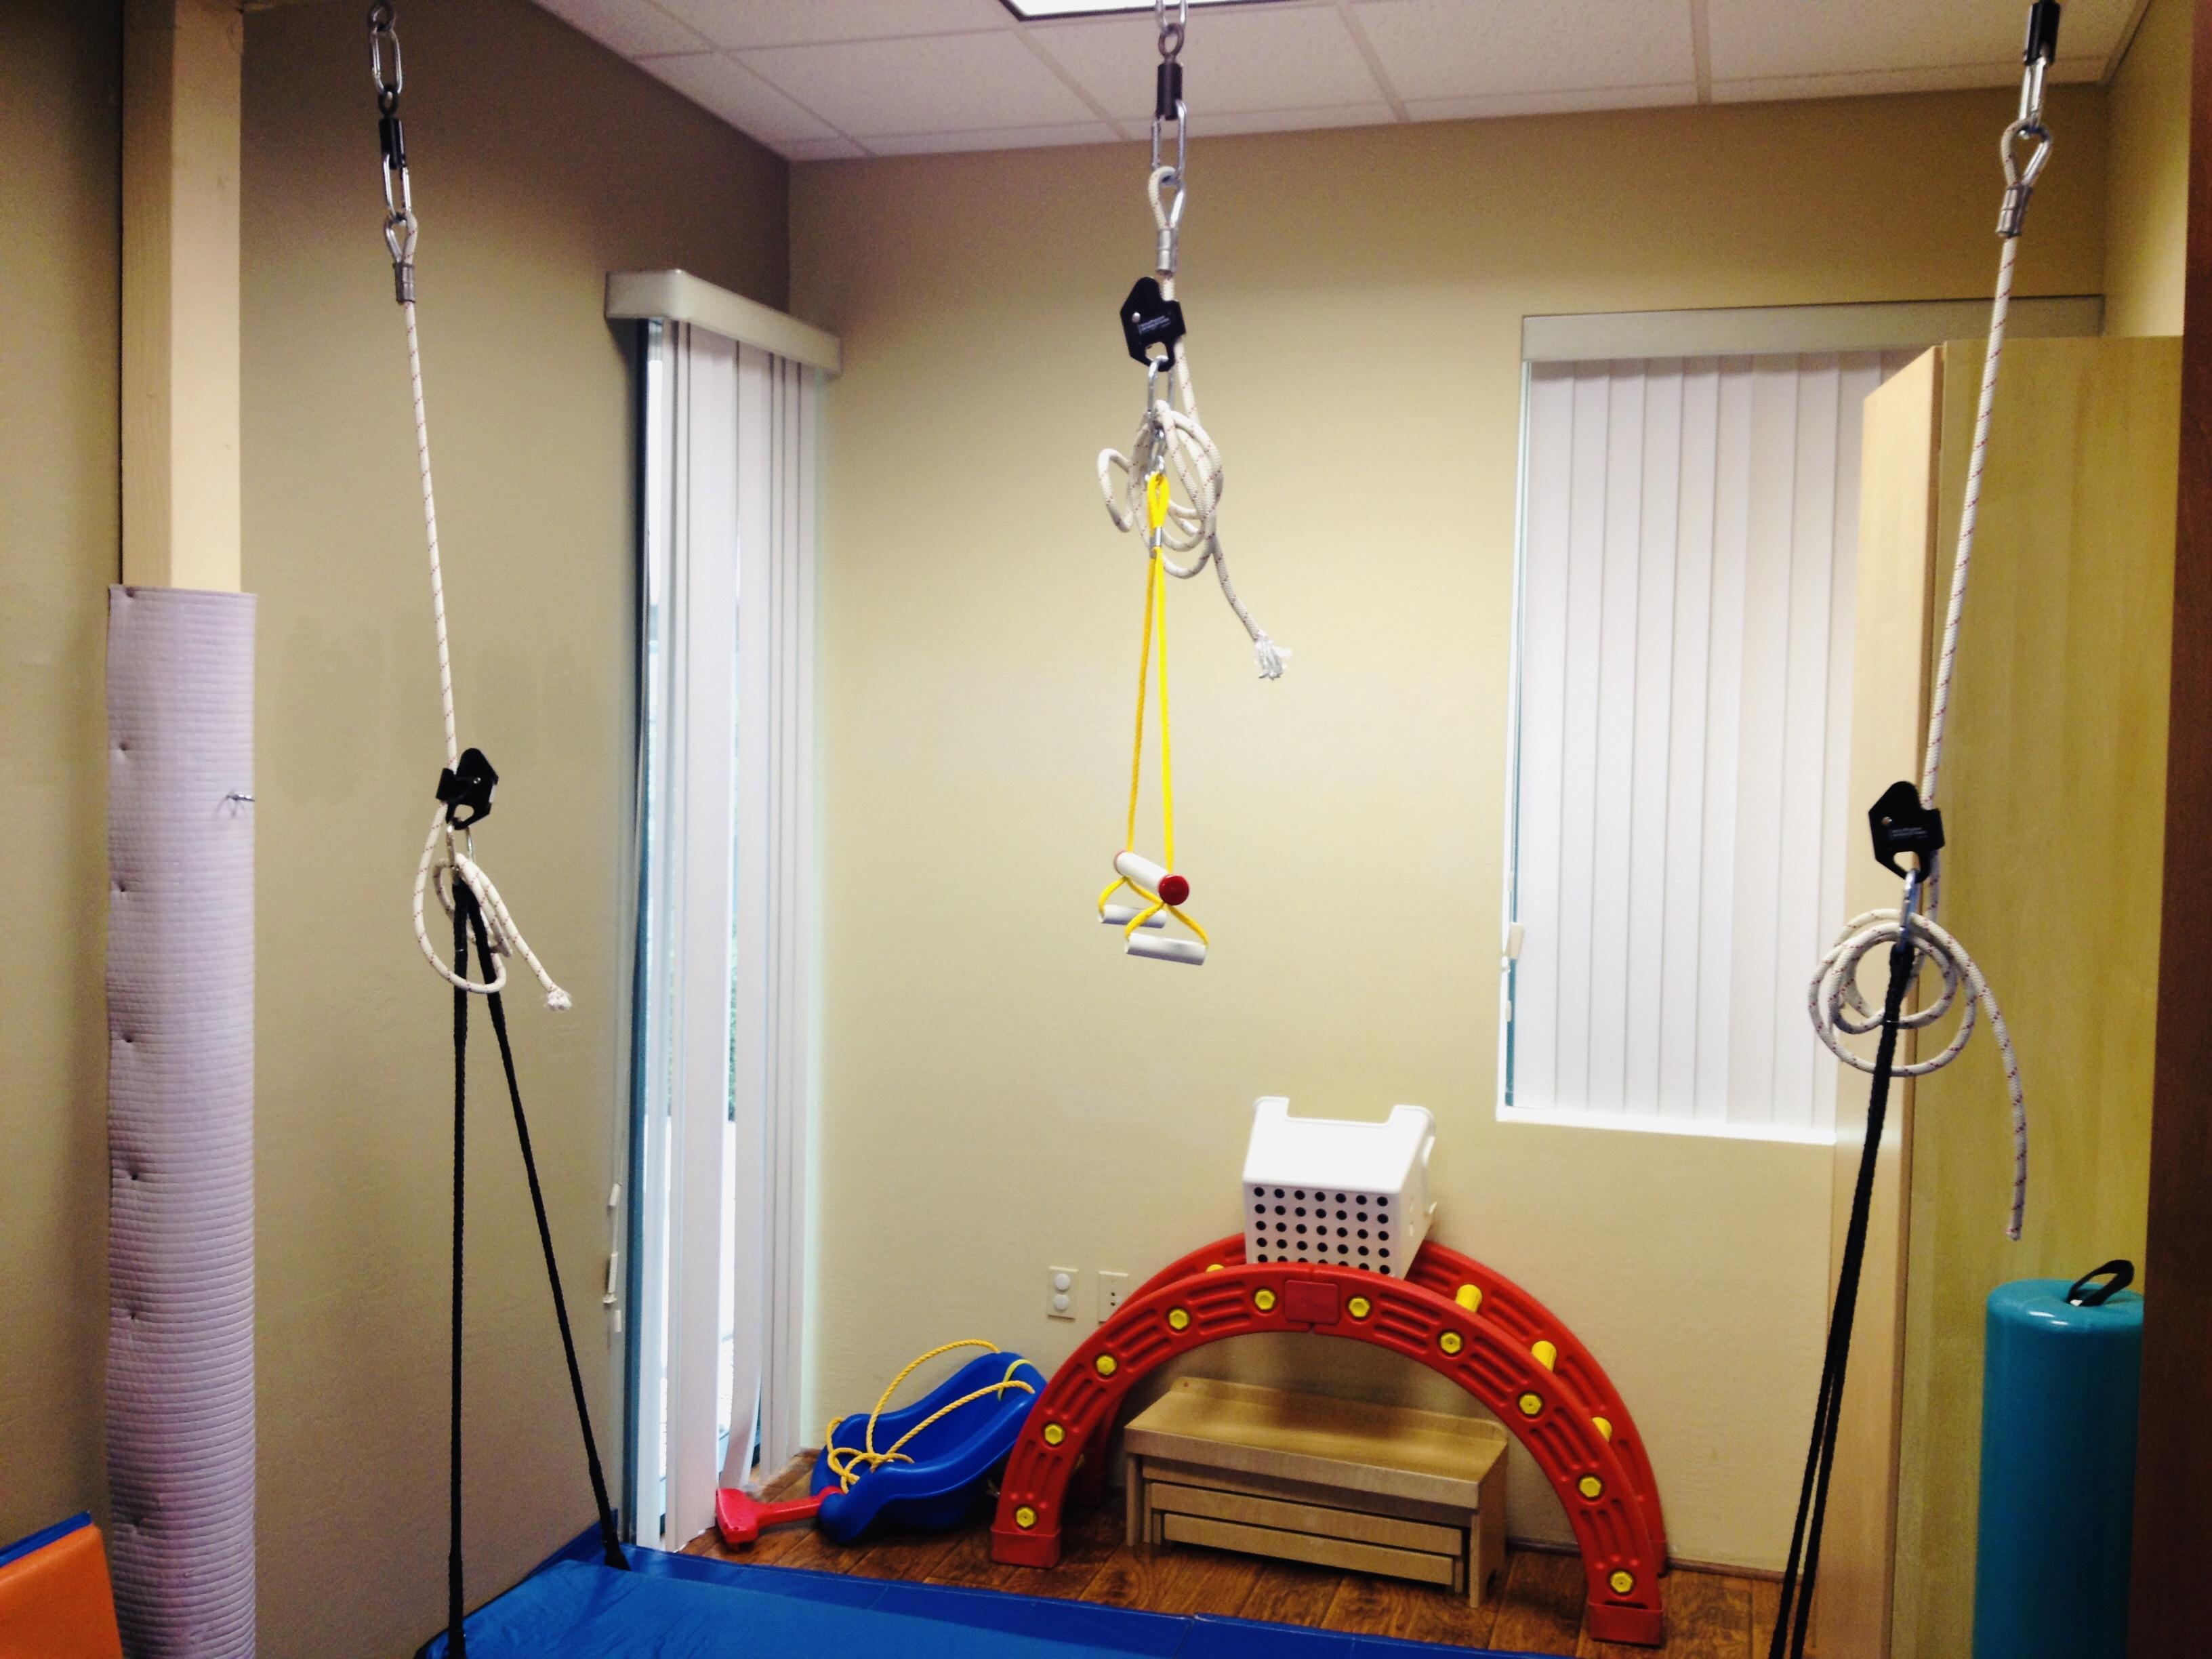 Suspended indoor rope swing